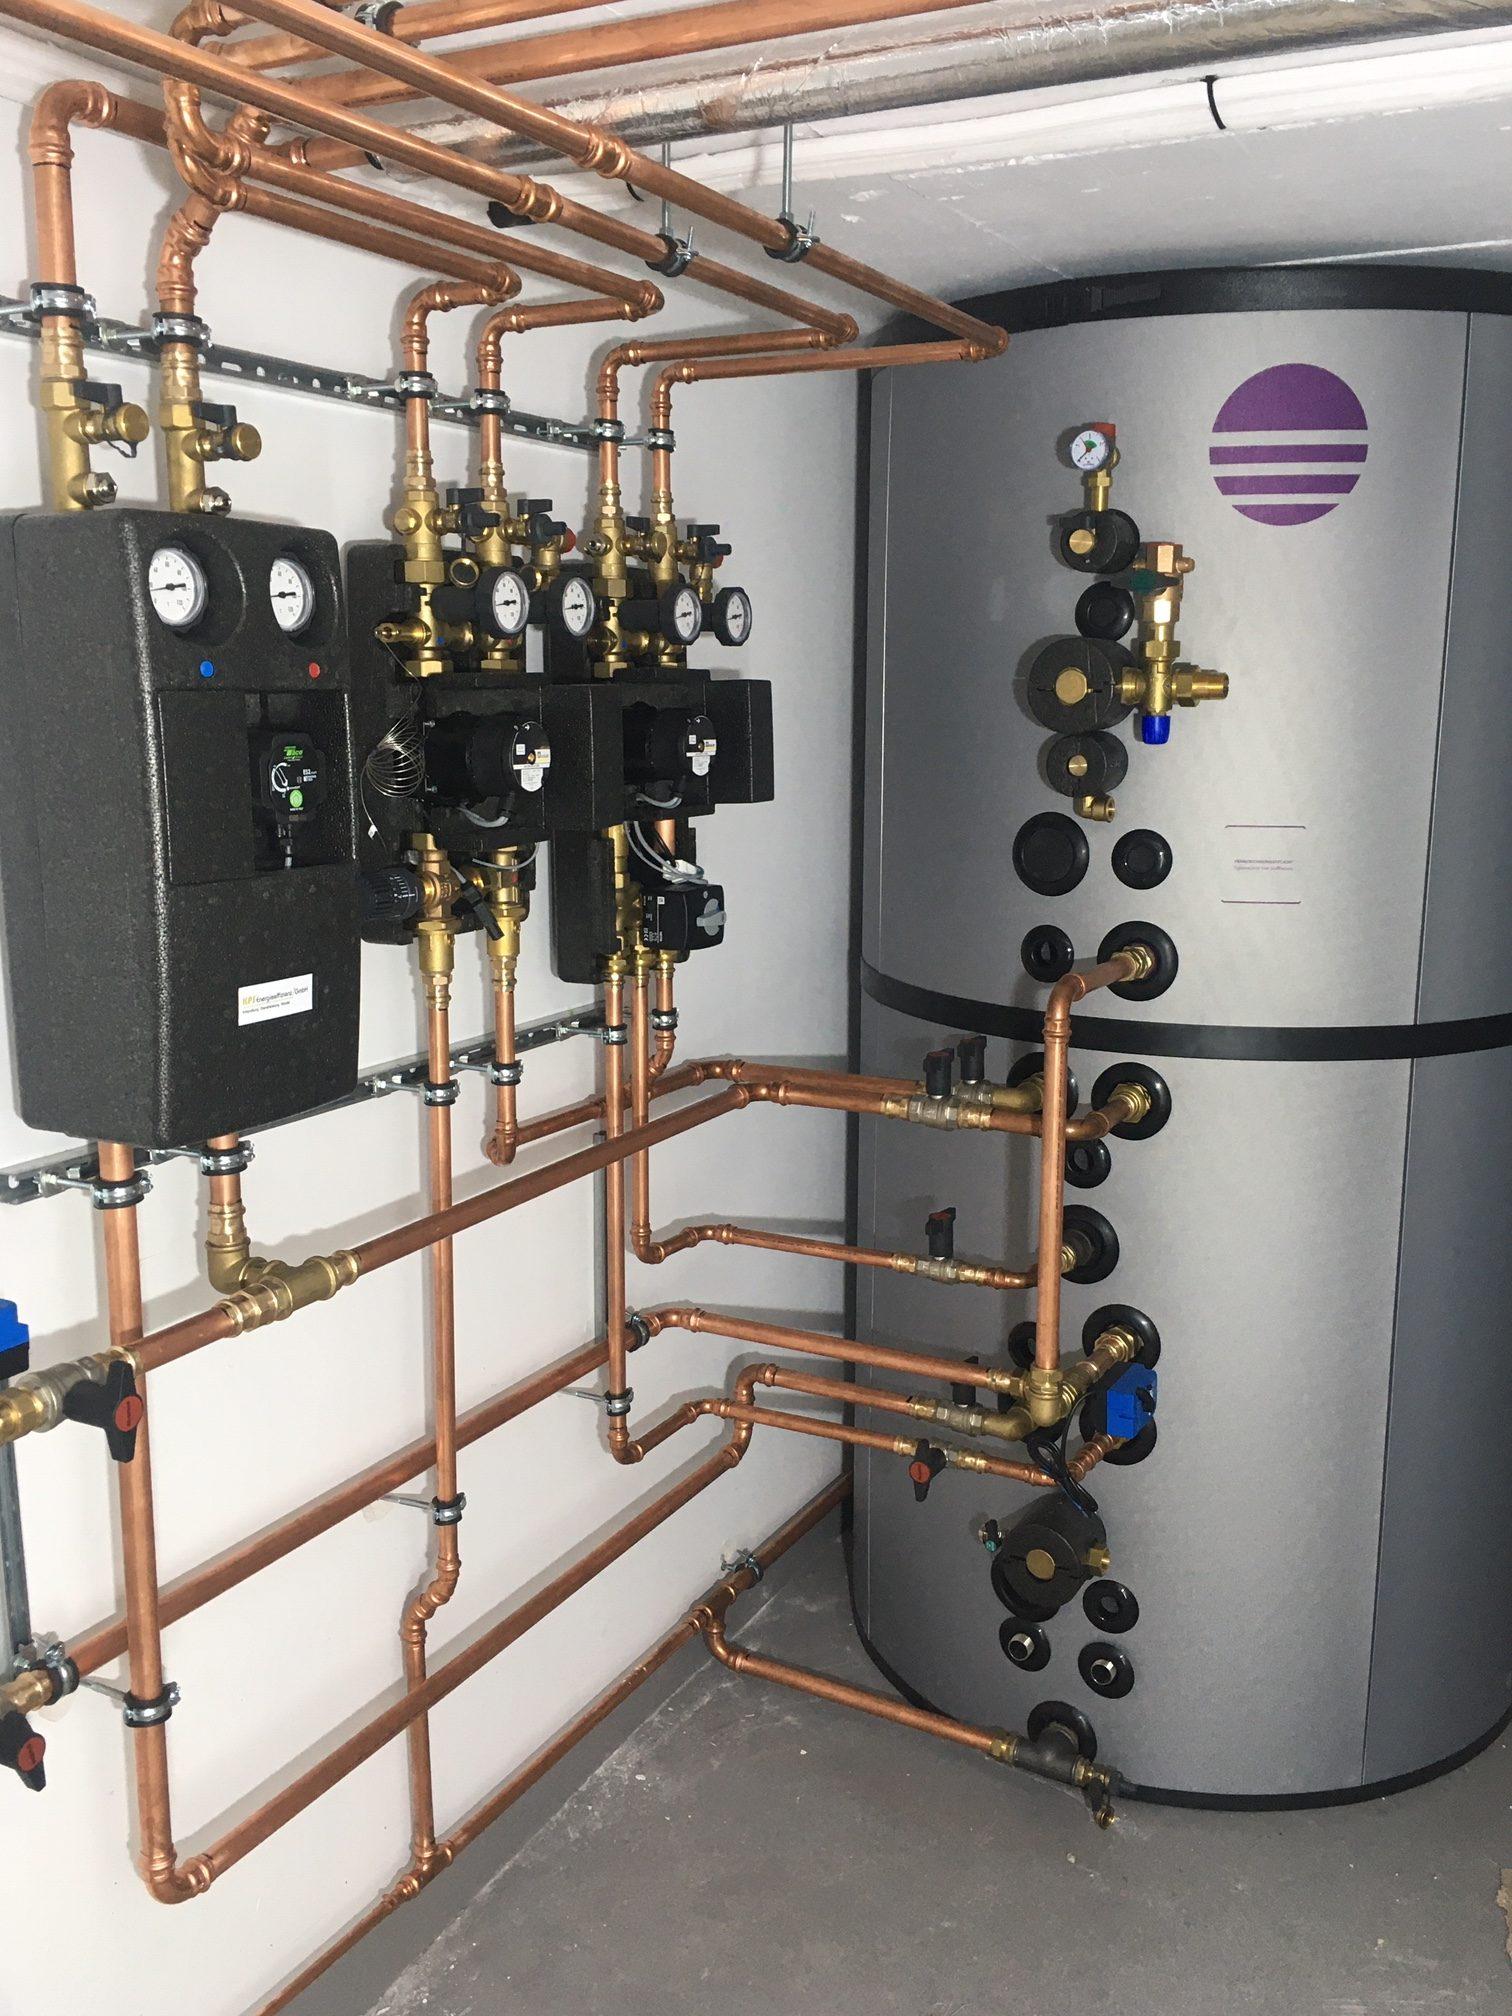 Warmwasserspeicher Mit Hydraulik Für Solar Heizung Warmwasser